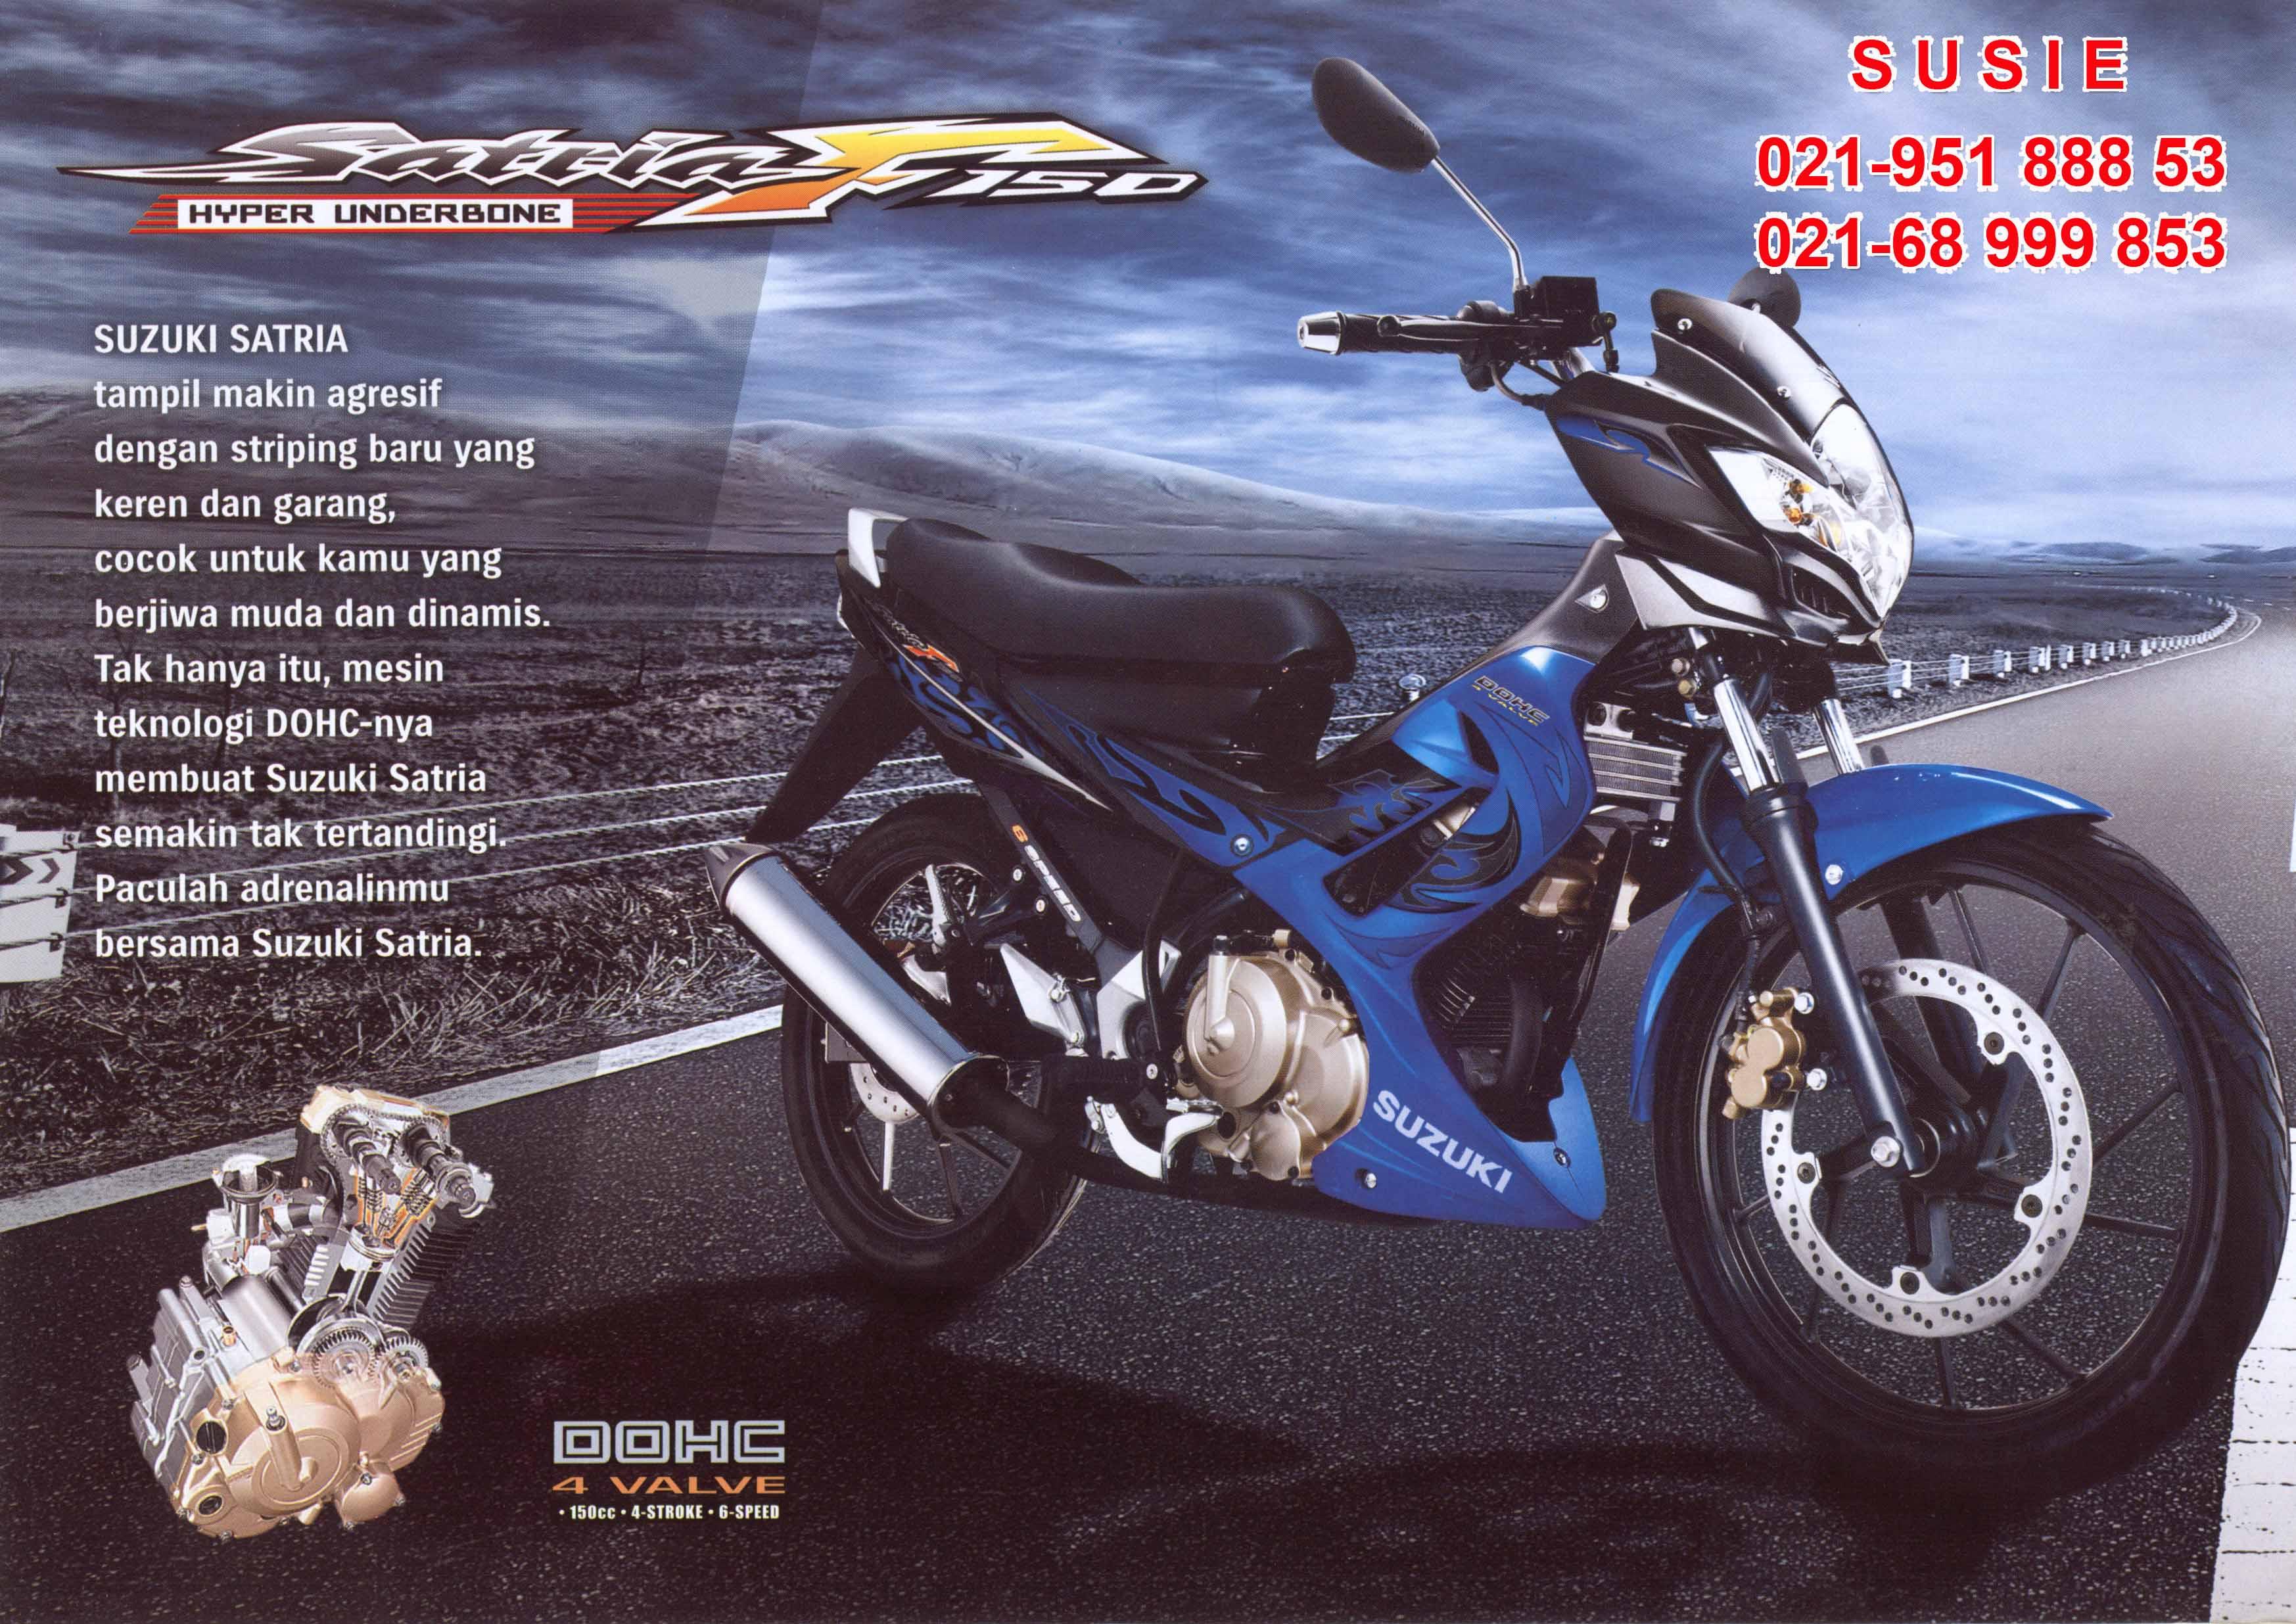 New Suzuki Satria Fu 150